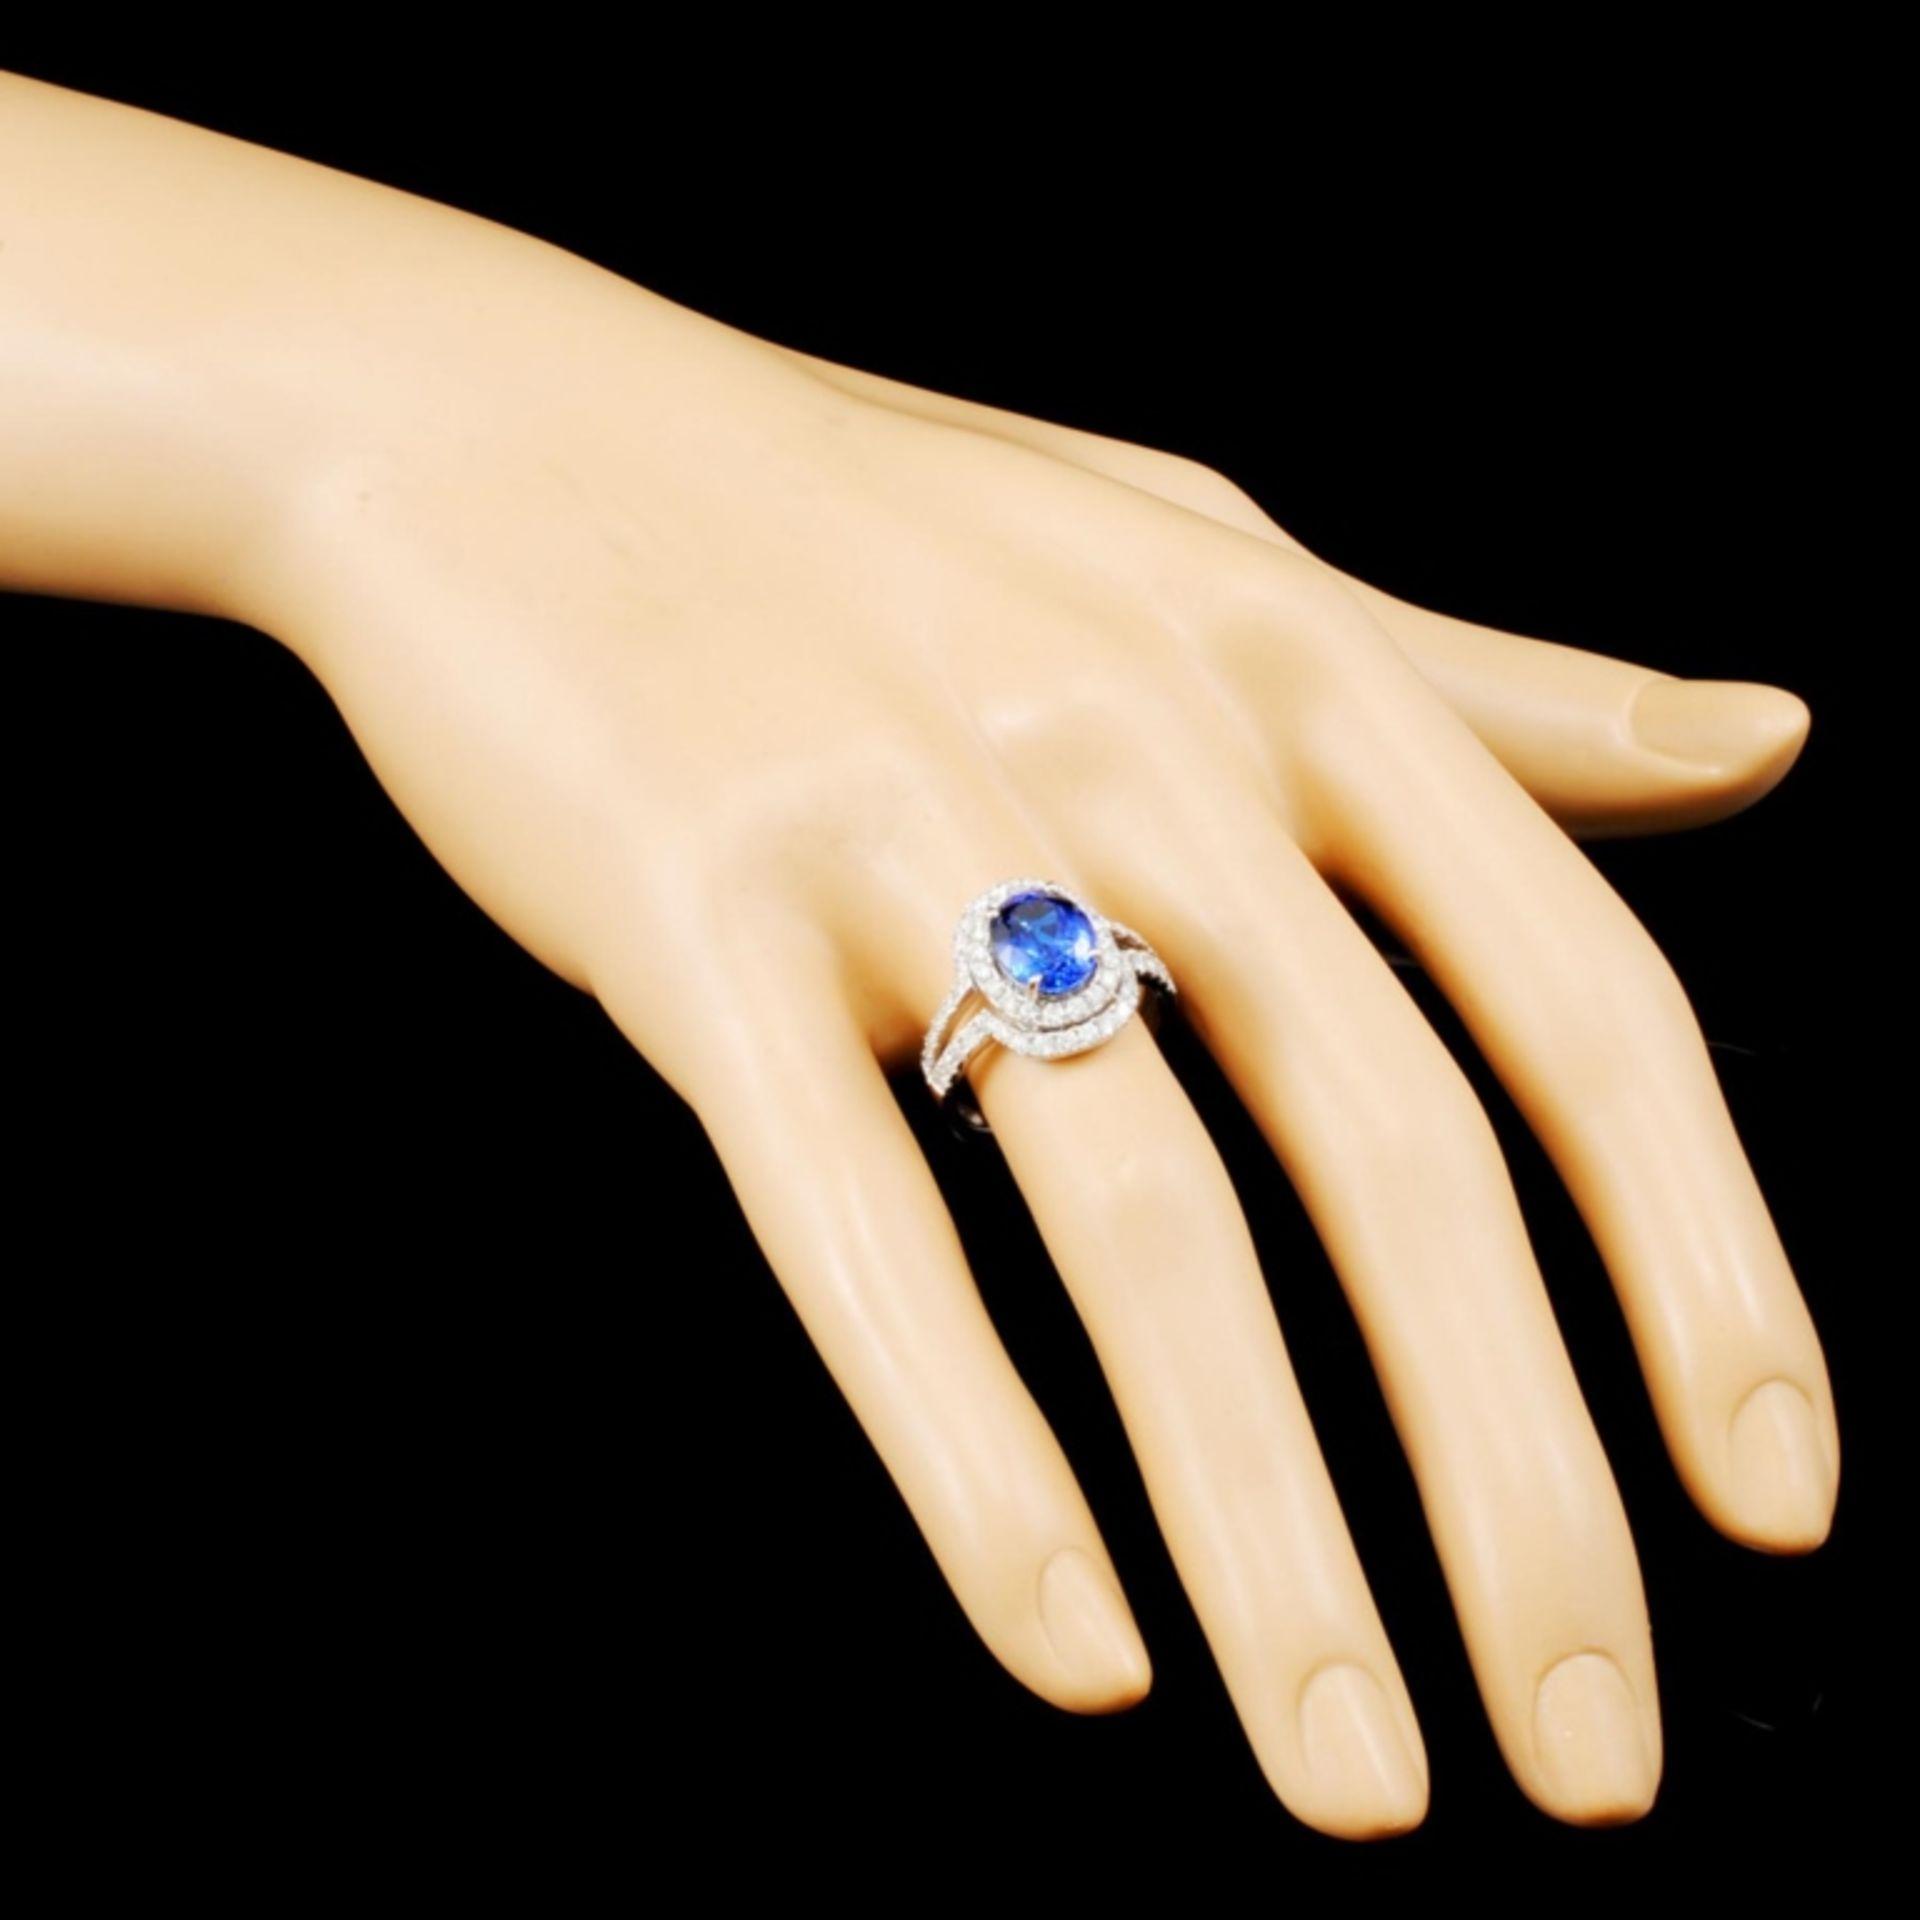 18K Gold 2.78ct Tanzanite & 1.05ctw Diamond Ring - Image 3 of 5